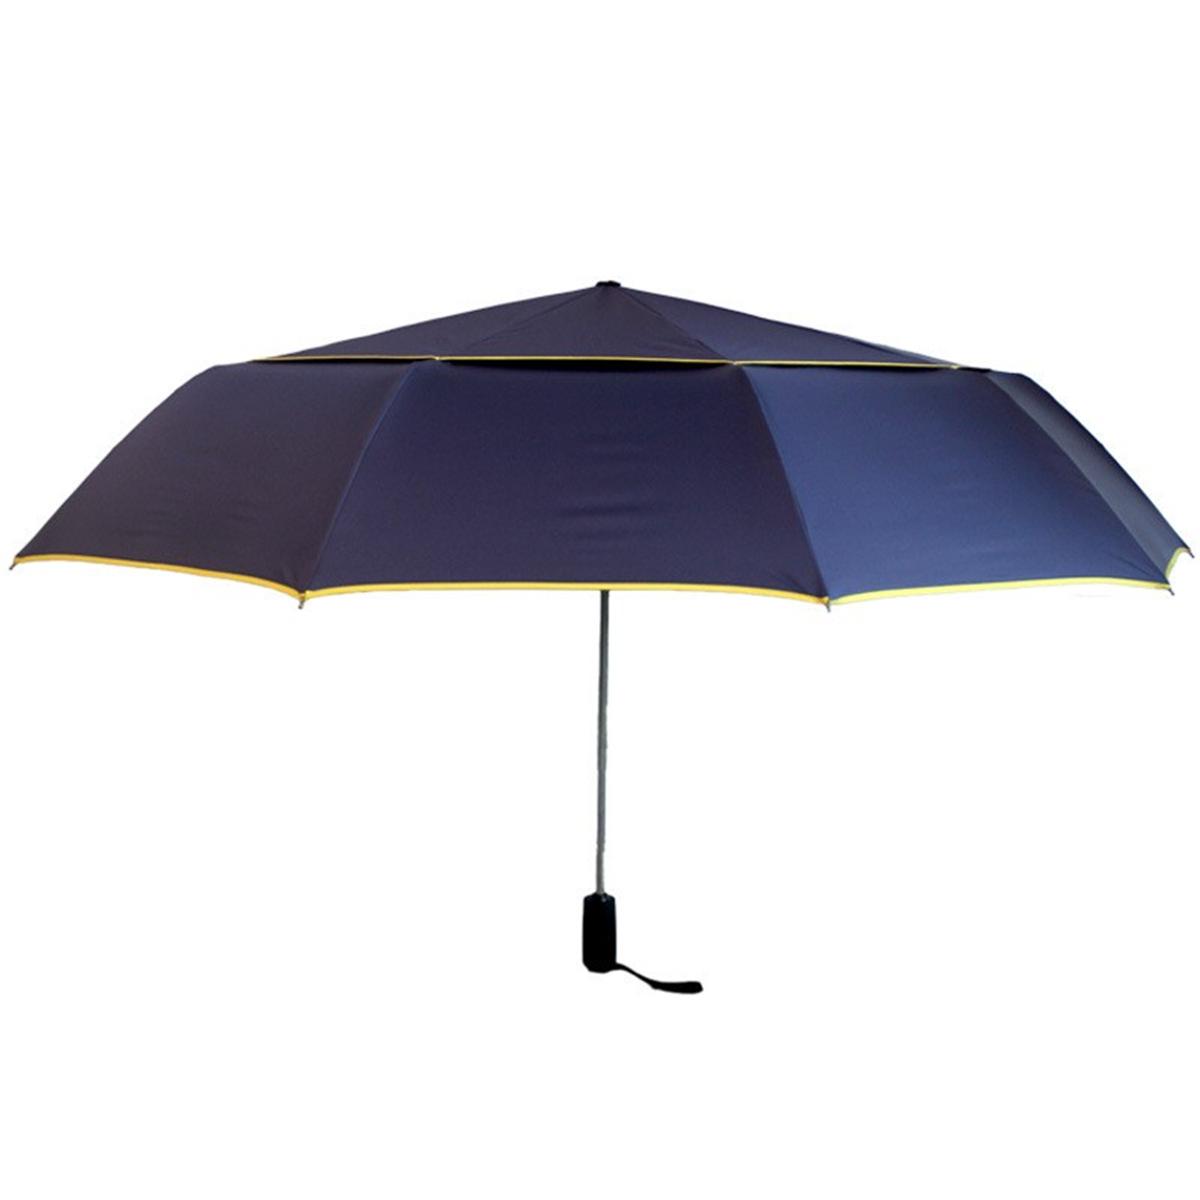 ОткрытыйАвтоматическая3СкладнойГольфЗонт Анти-Уф Ветрозащитный Большой Зонт от дождя